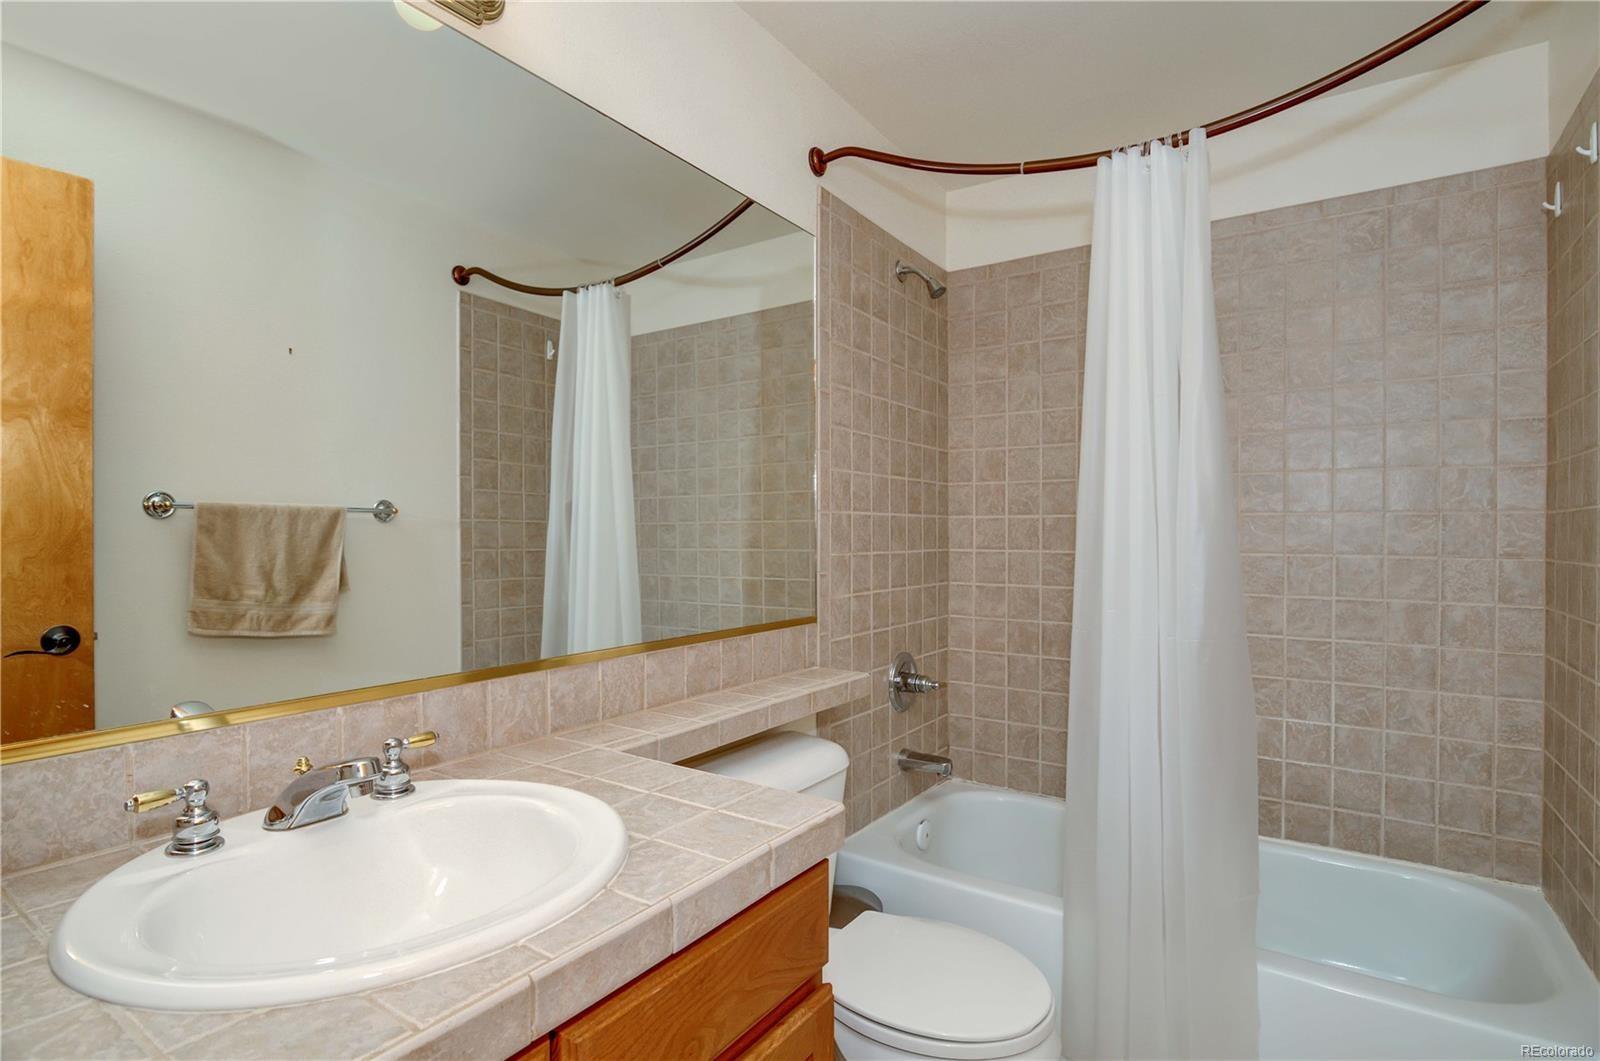 MLS# 5456451 - 27 - 15971 Woodmeadow Court, Colorado Springs, CO 80921